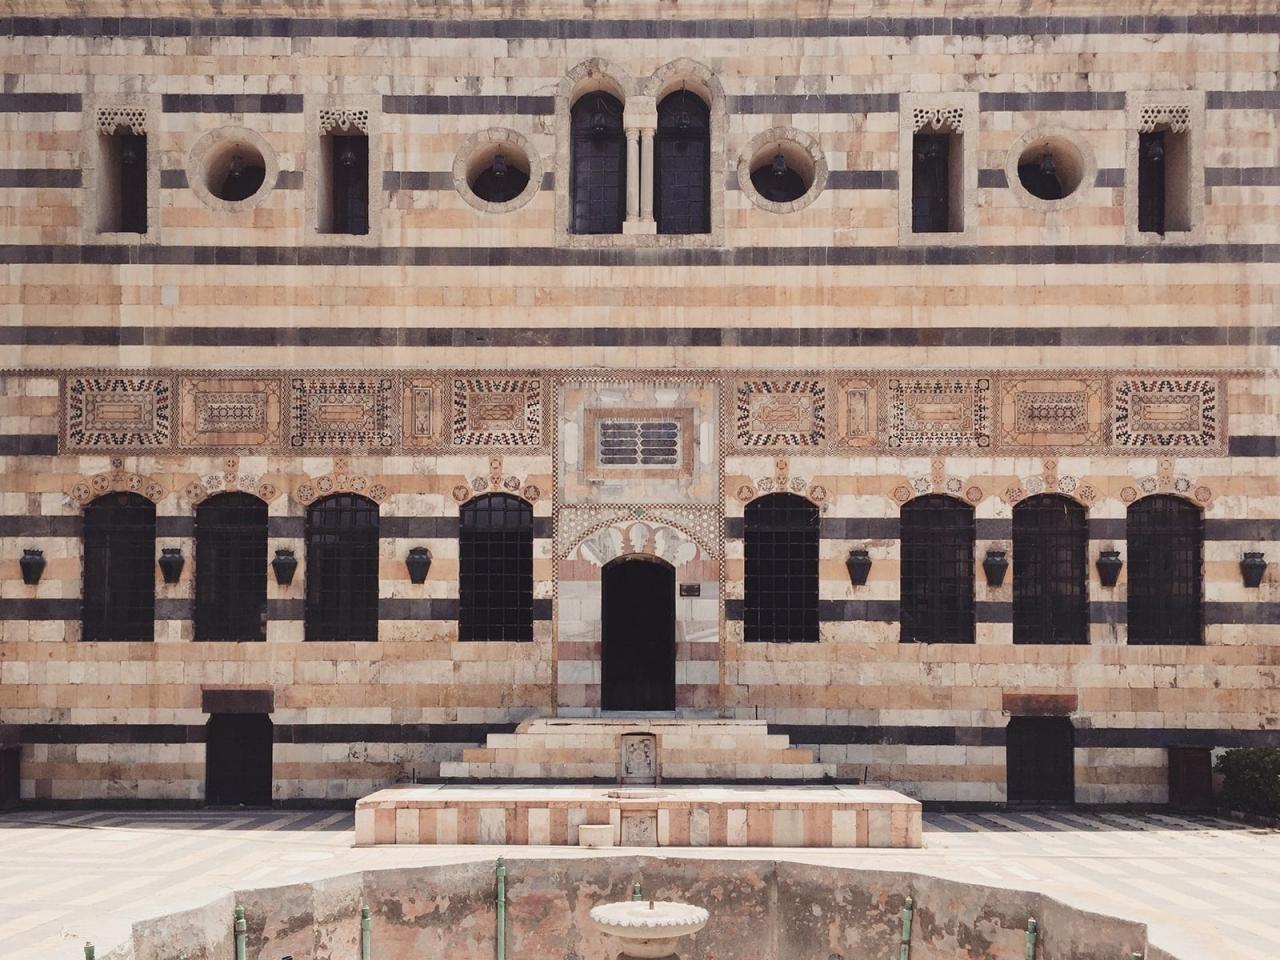 کاخ اعظم از کاخهای تاریخی شهر دمشق